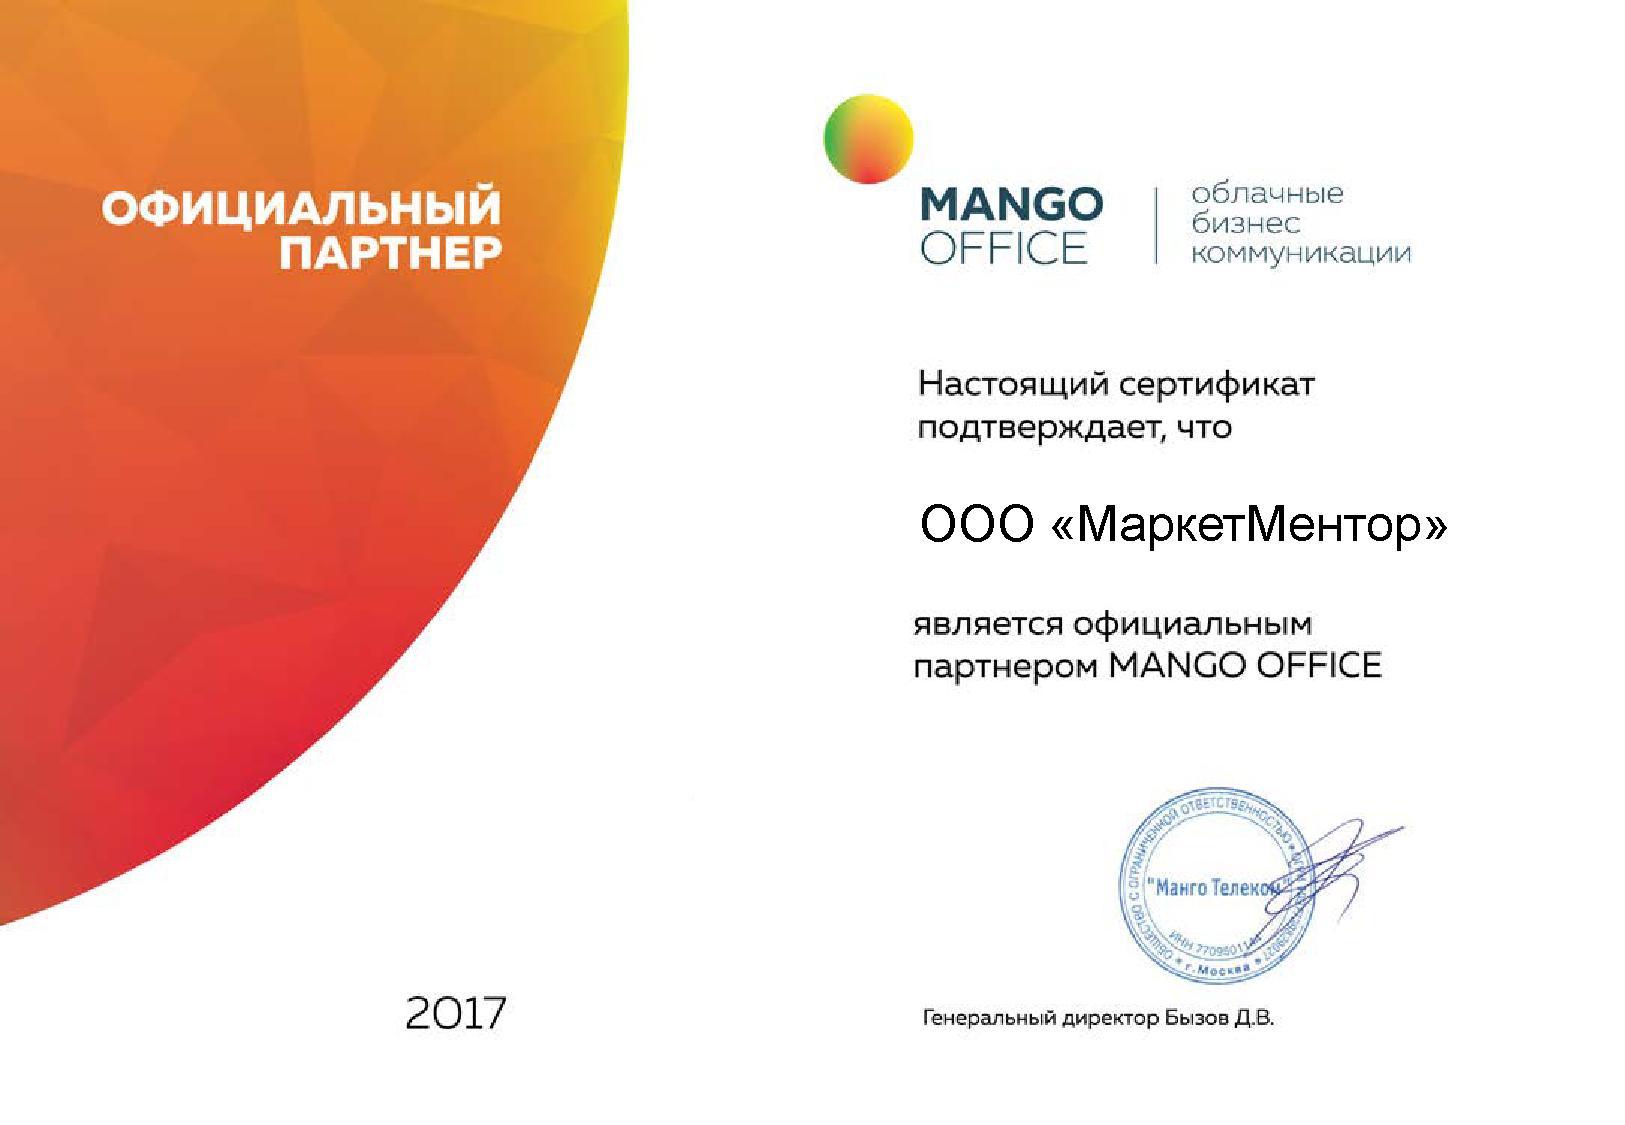 793ca0642 ... манго офис партнеры · партнеры рег ру. Скидки National Business пермь